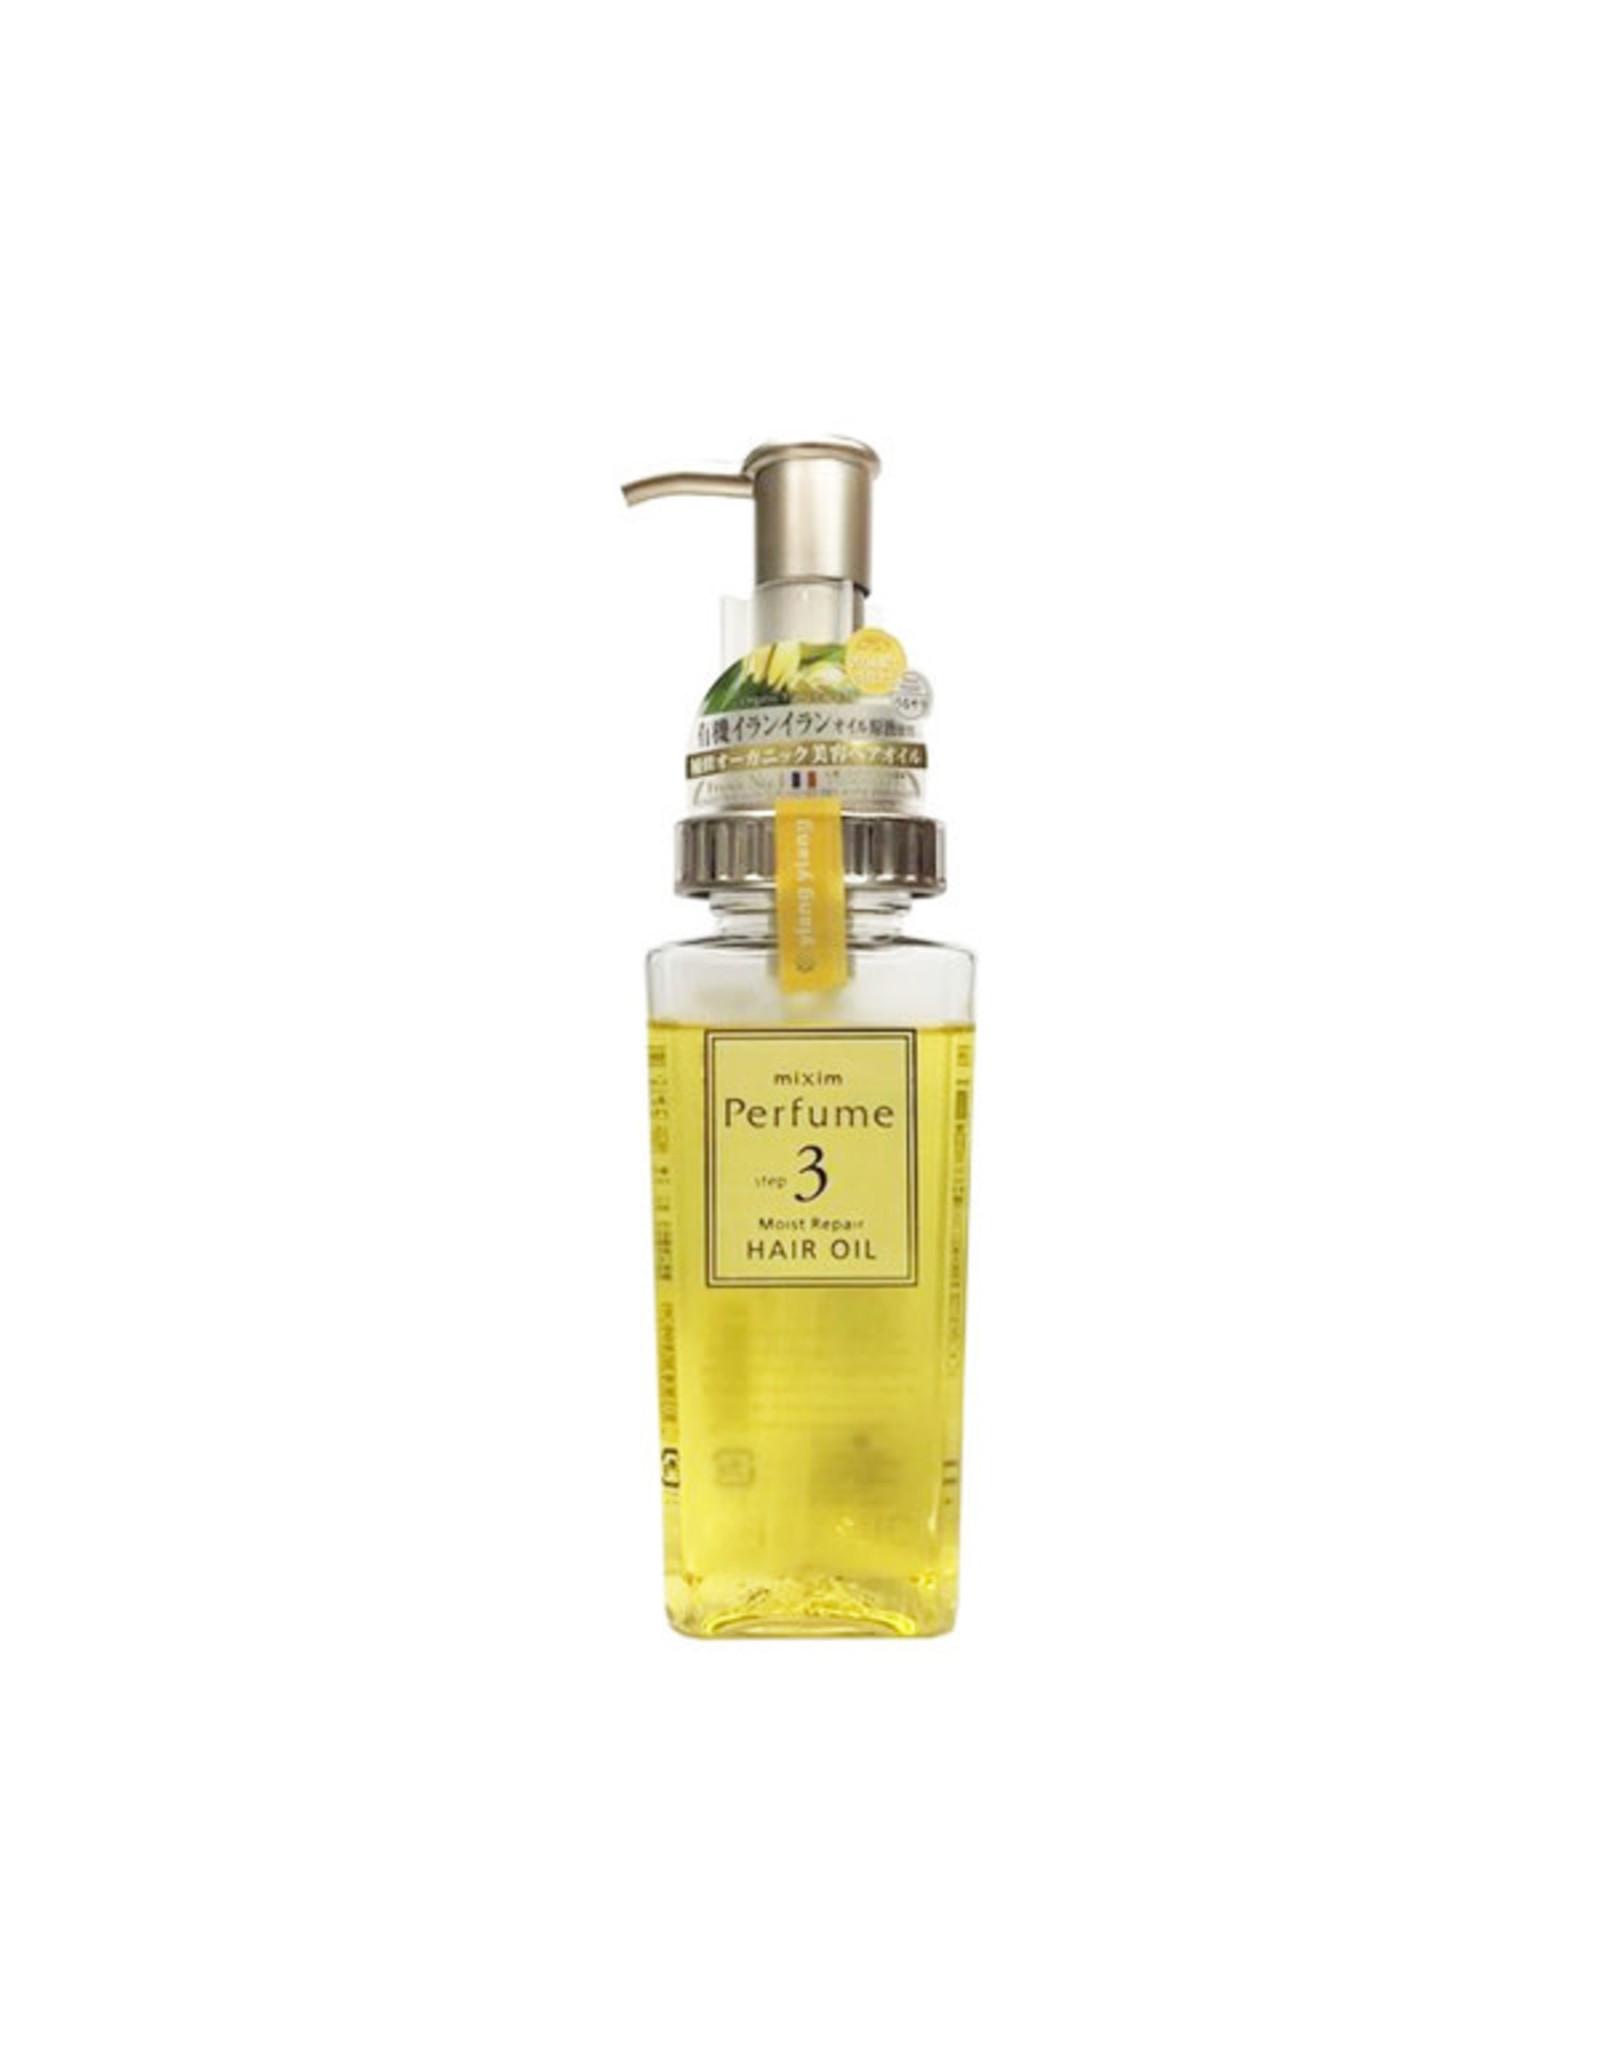 Mixim Mixim Perfume Moist Repair Hair Oil 100ml